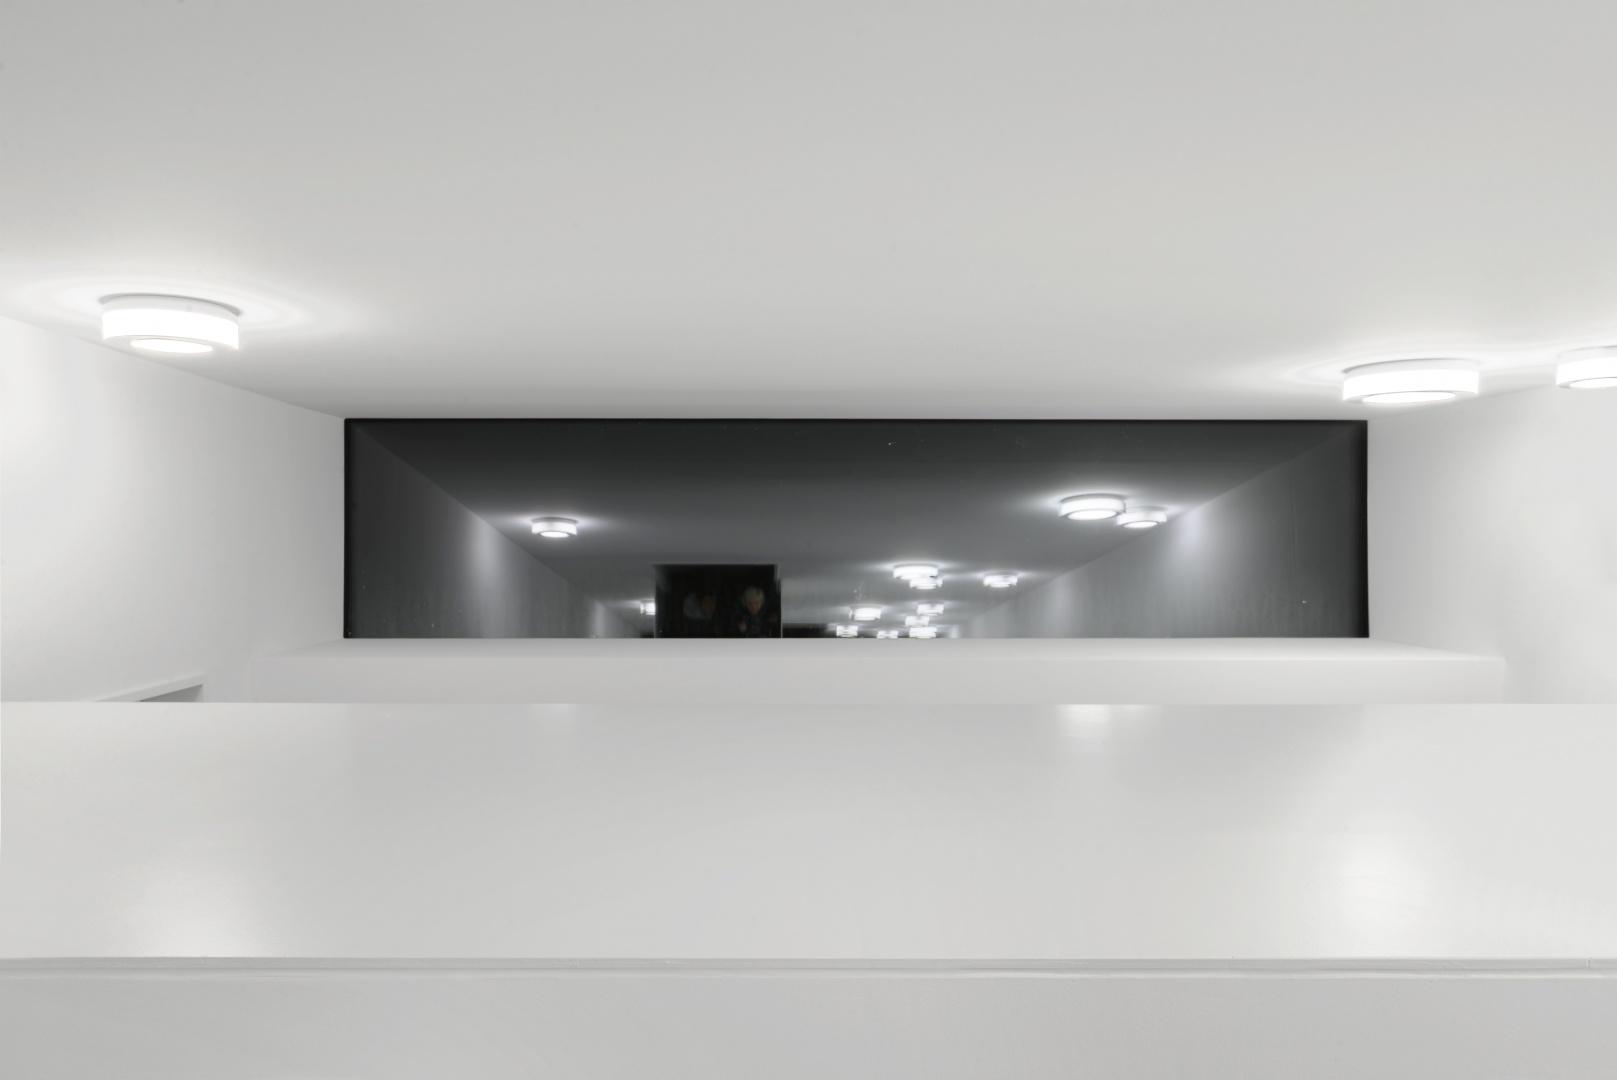 OBERLICHT_TREPPENHAUS © Daluz Gonzalez Architekten